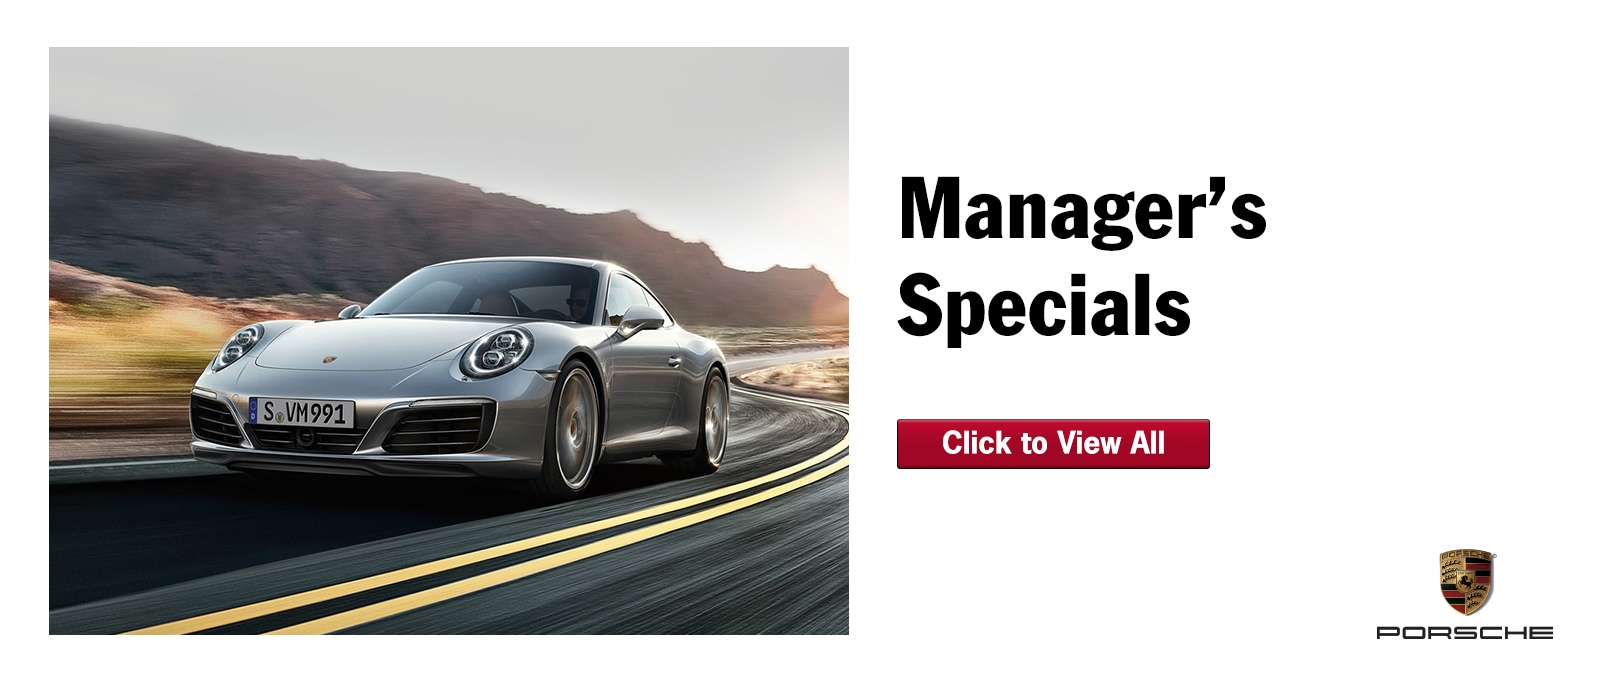 Porsche Bellevue Porsche Dealership Near Me In Bellevue